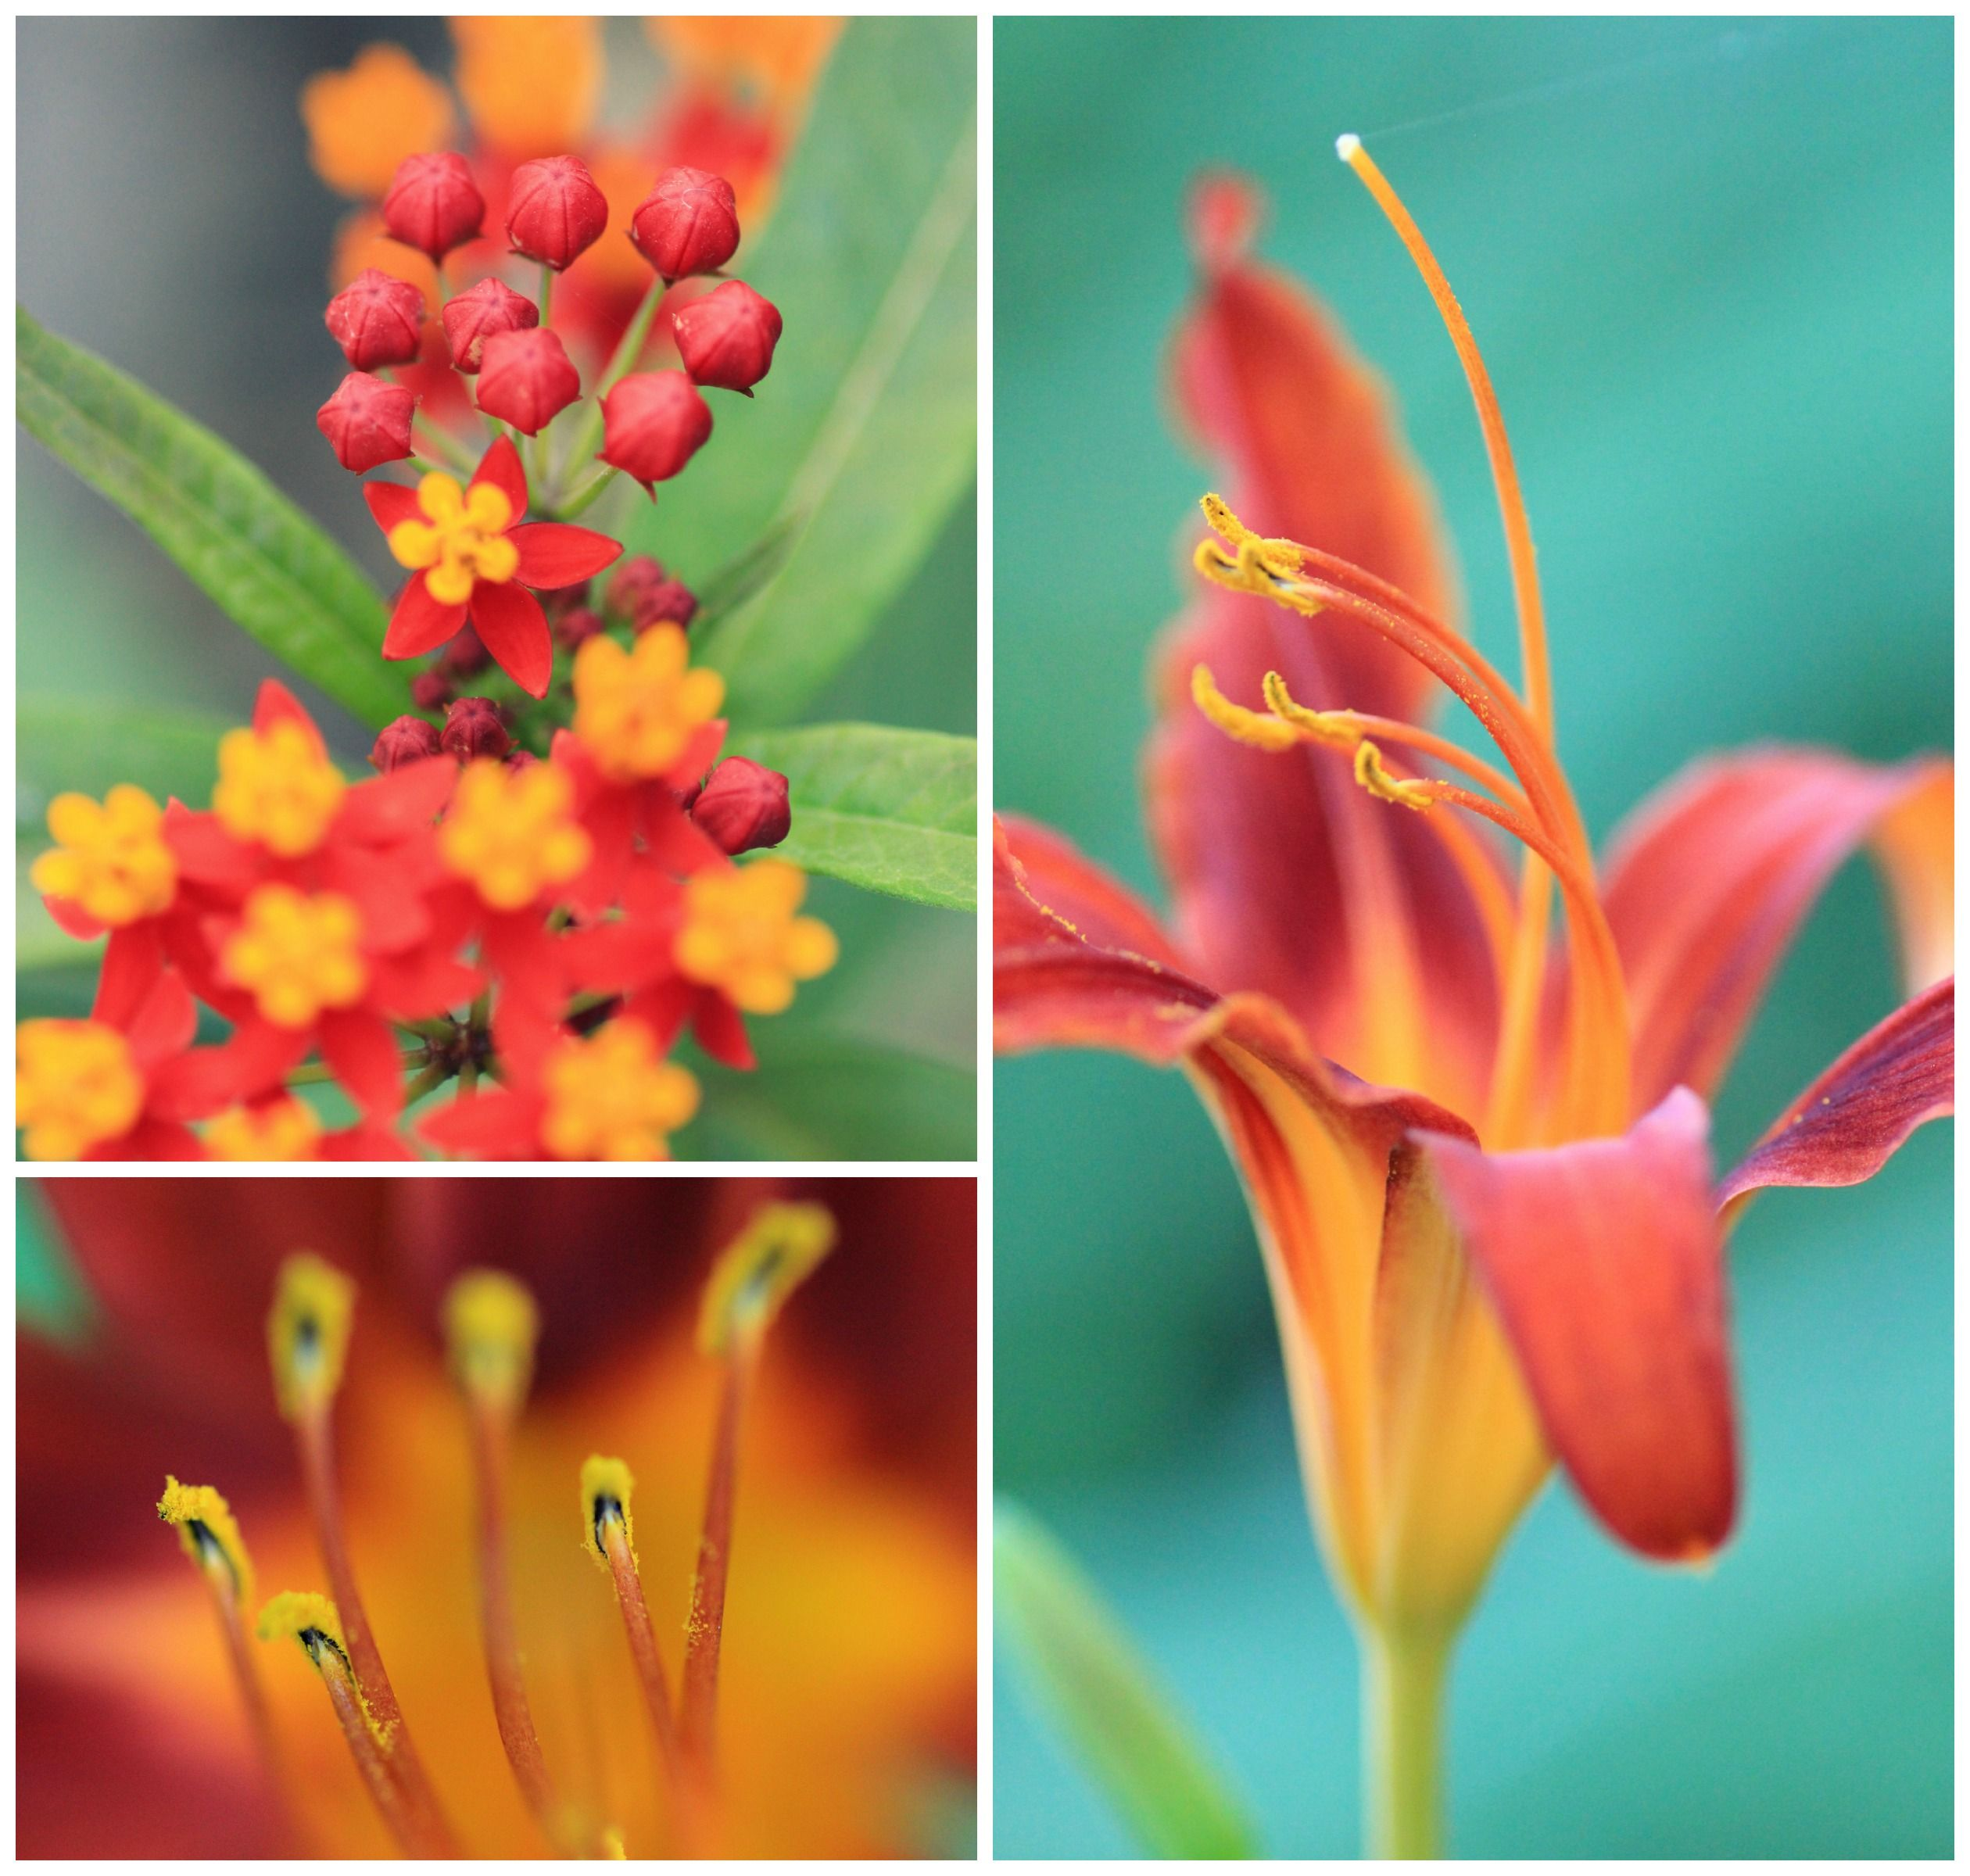 hibiscus\red\orange